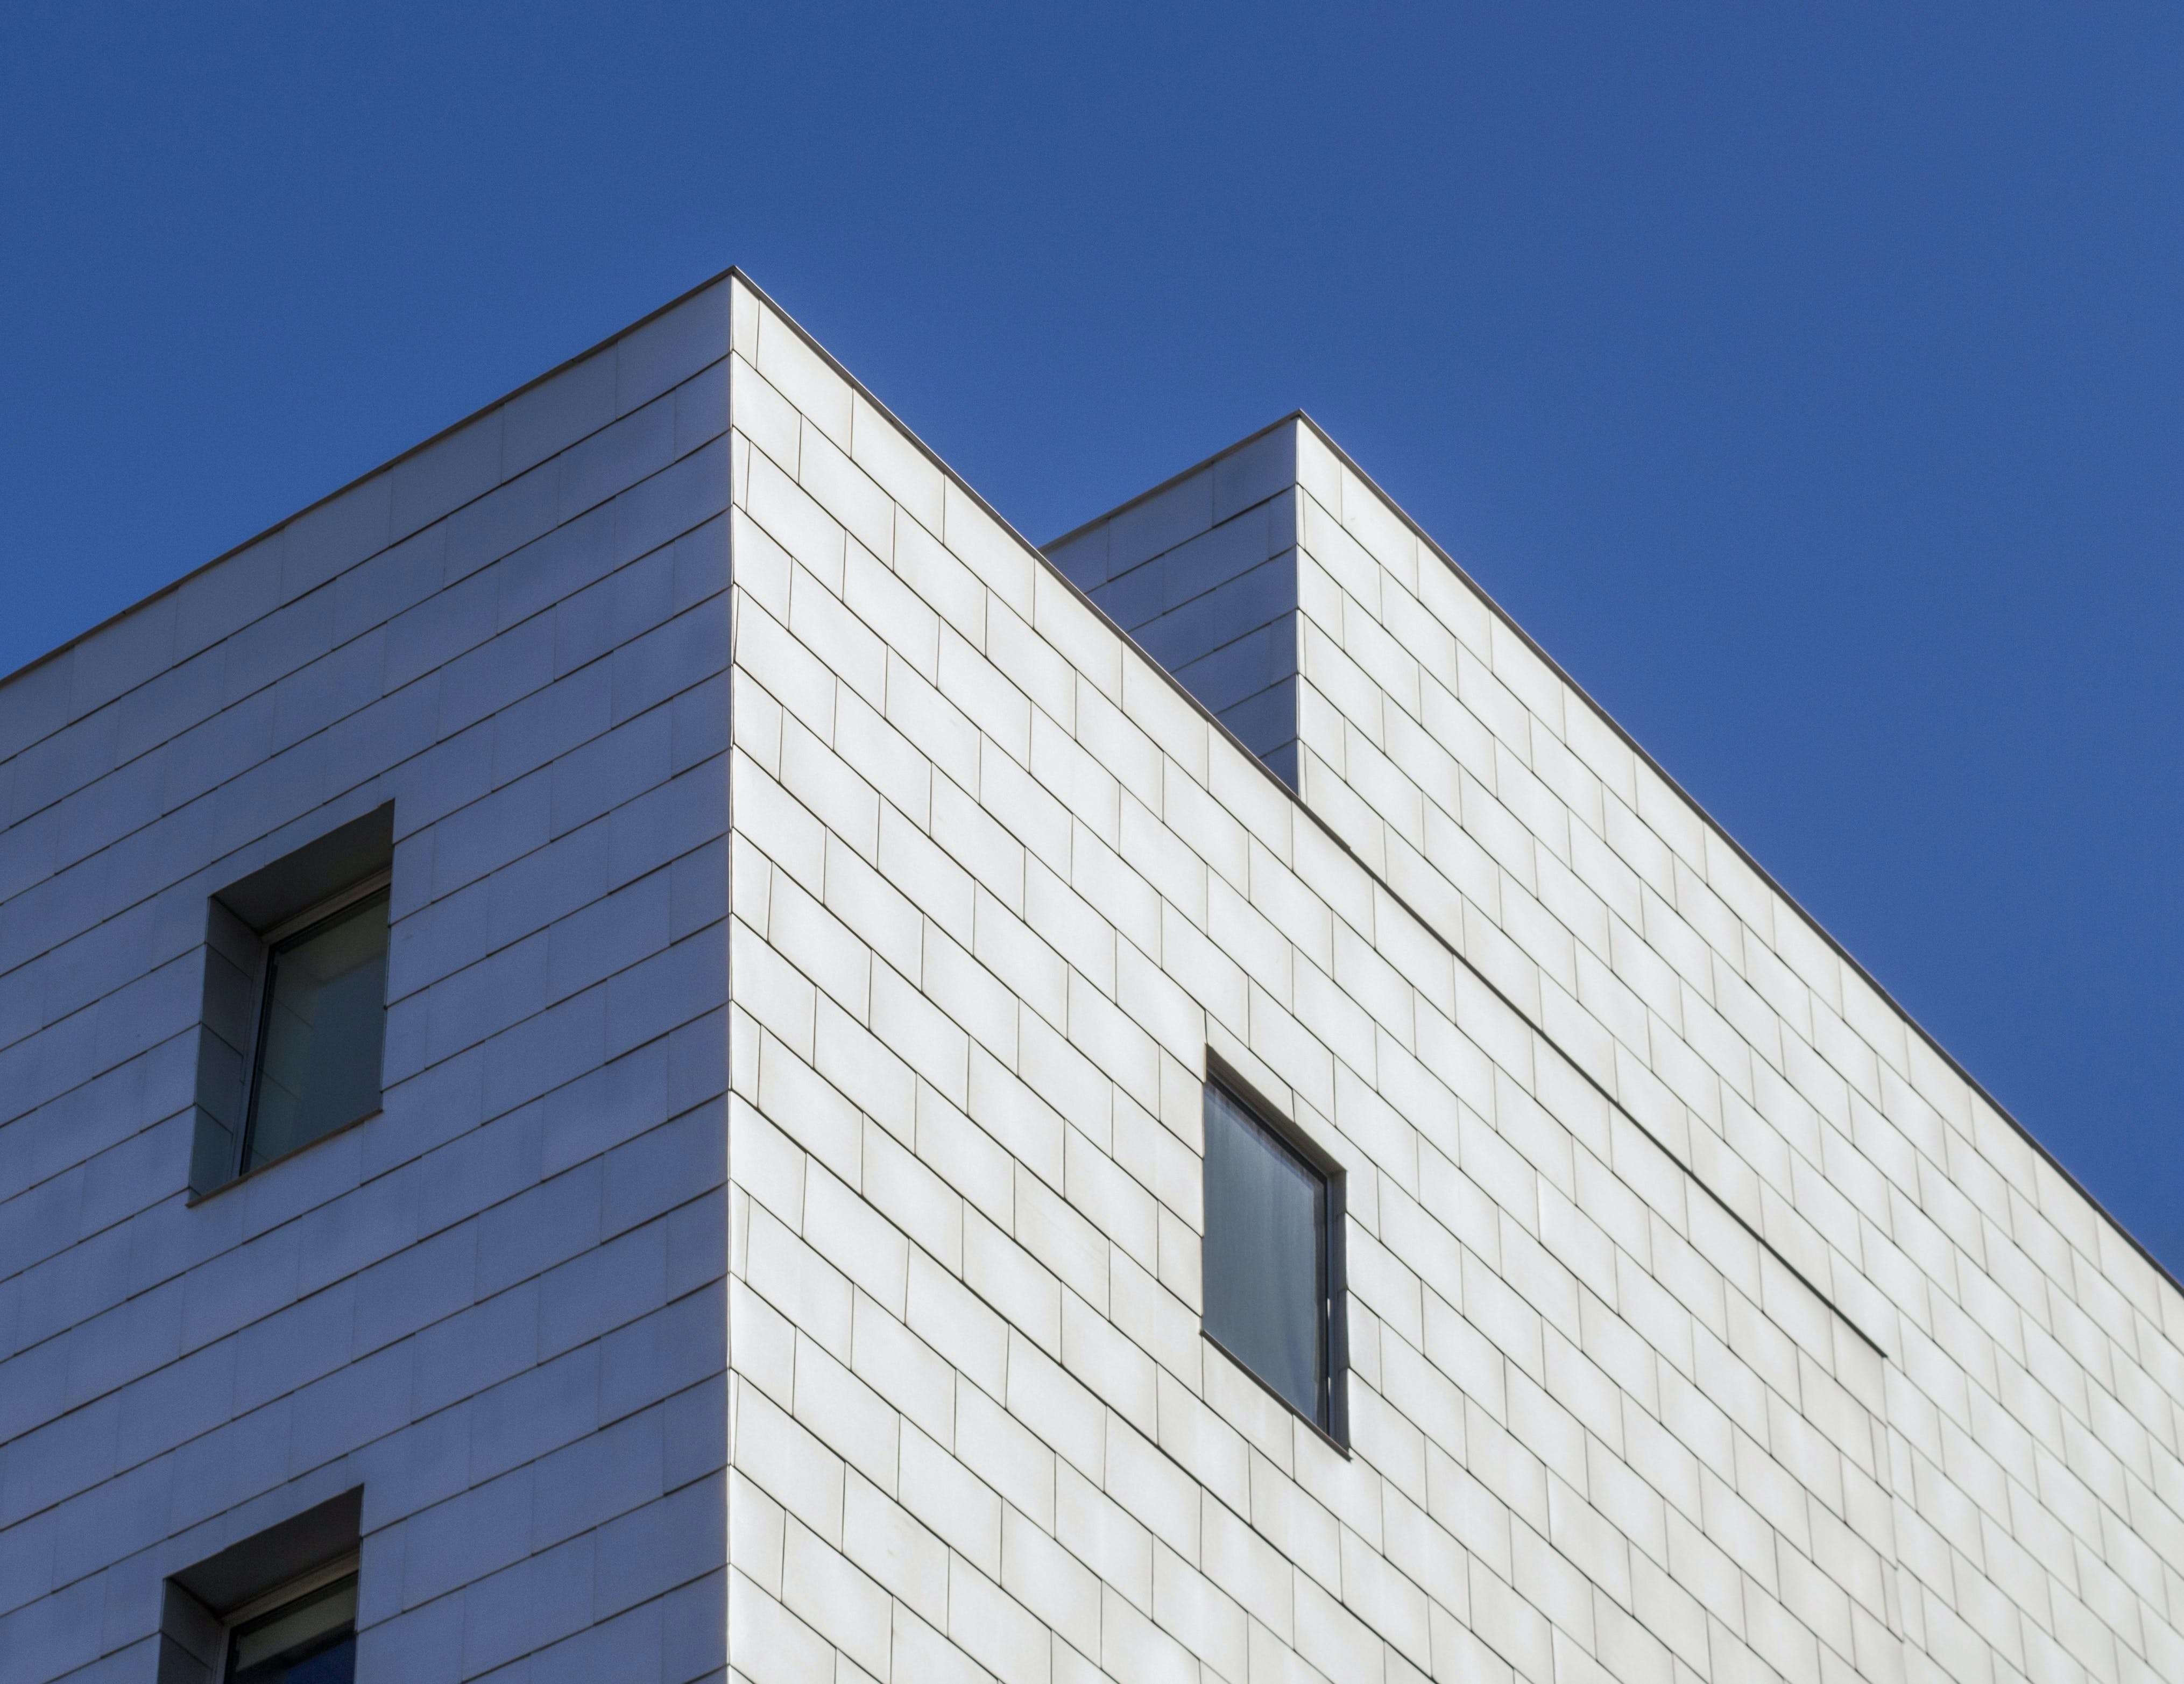 Gratis stockfoto met architectueel design, architectuur, binnenstad, buitenkant